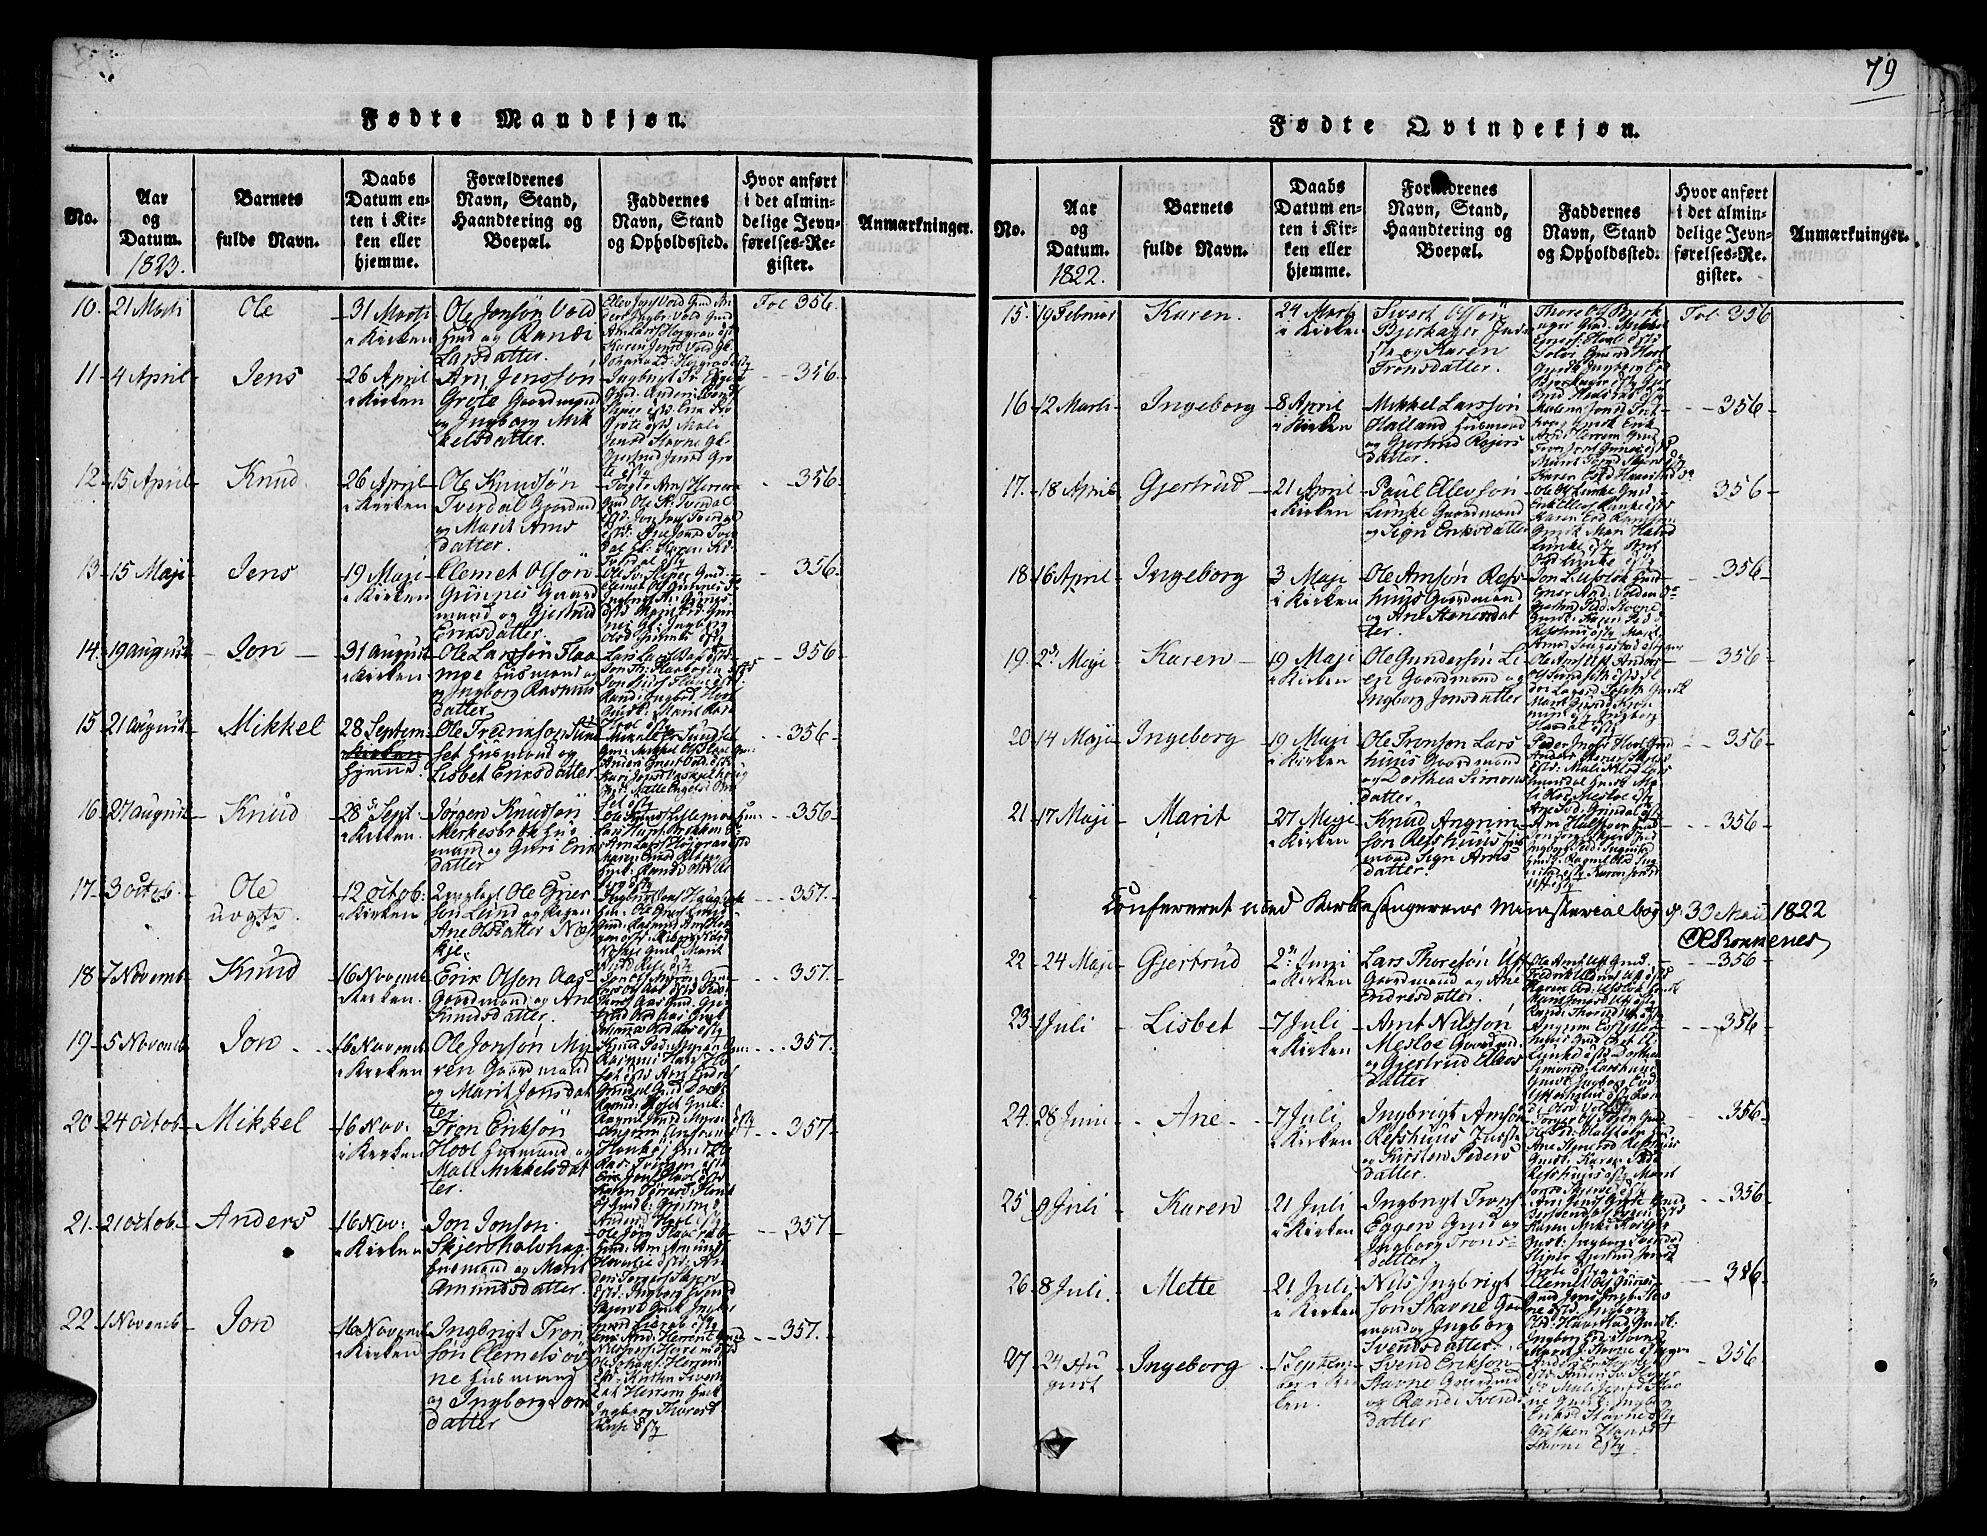 SAT, Ministerialprotokoller, klokkerbøker og fødselsregistre - Sør-Trøndelag, 672/L0854: Ministerialbok nr. 672A06 /2, 1816-1829, s. 79